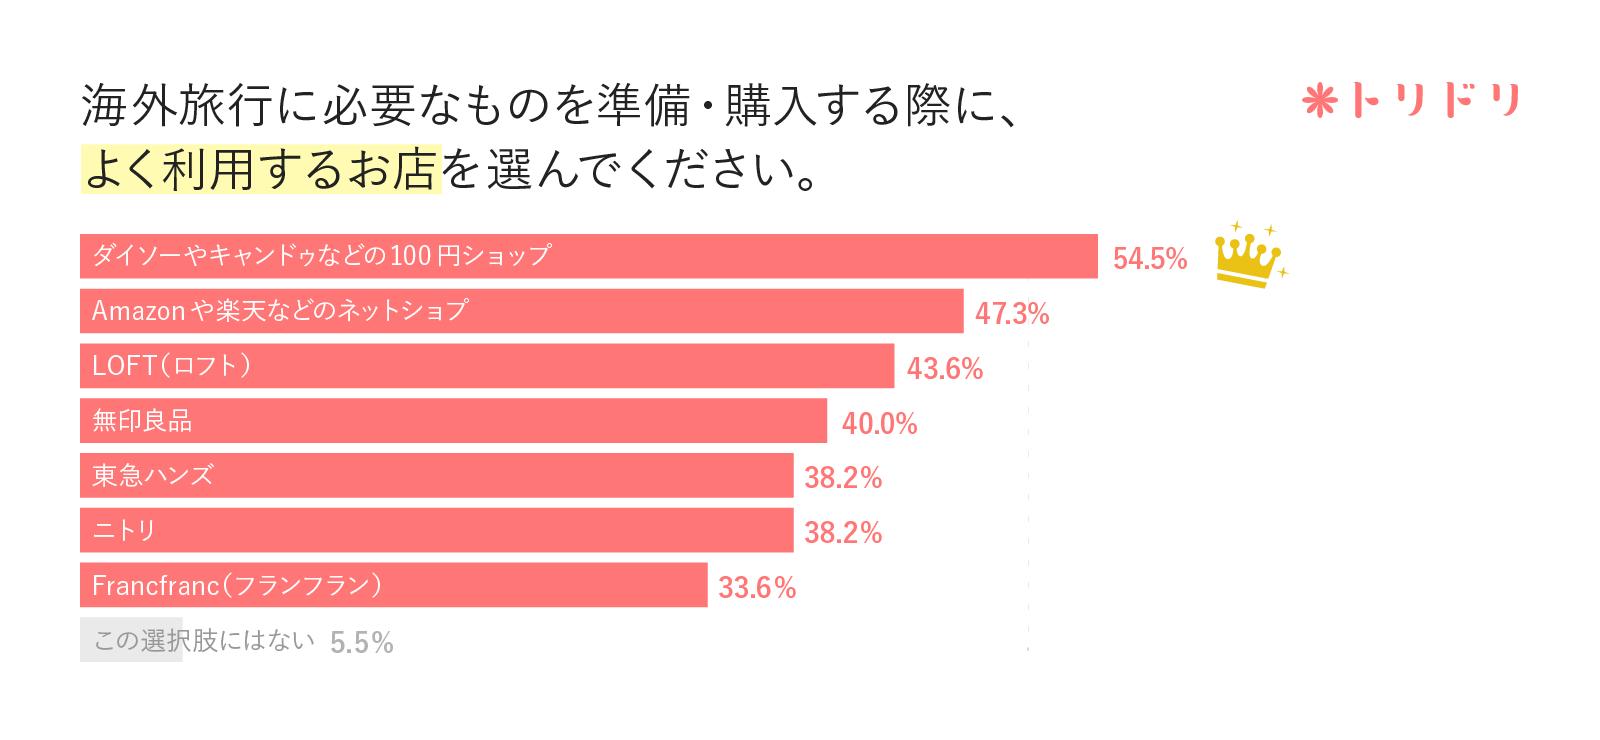 アンケート結果のグラフ:海外旅行に必要なものを準備・購入する際に、よく利用するお店を選んでください。